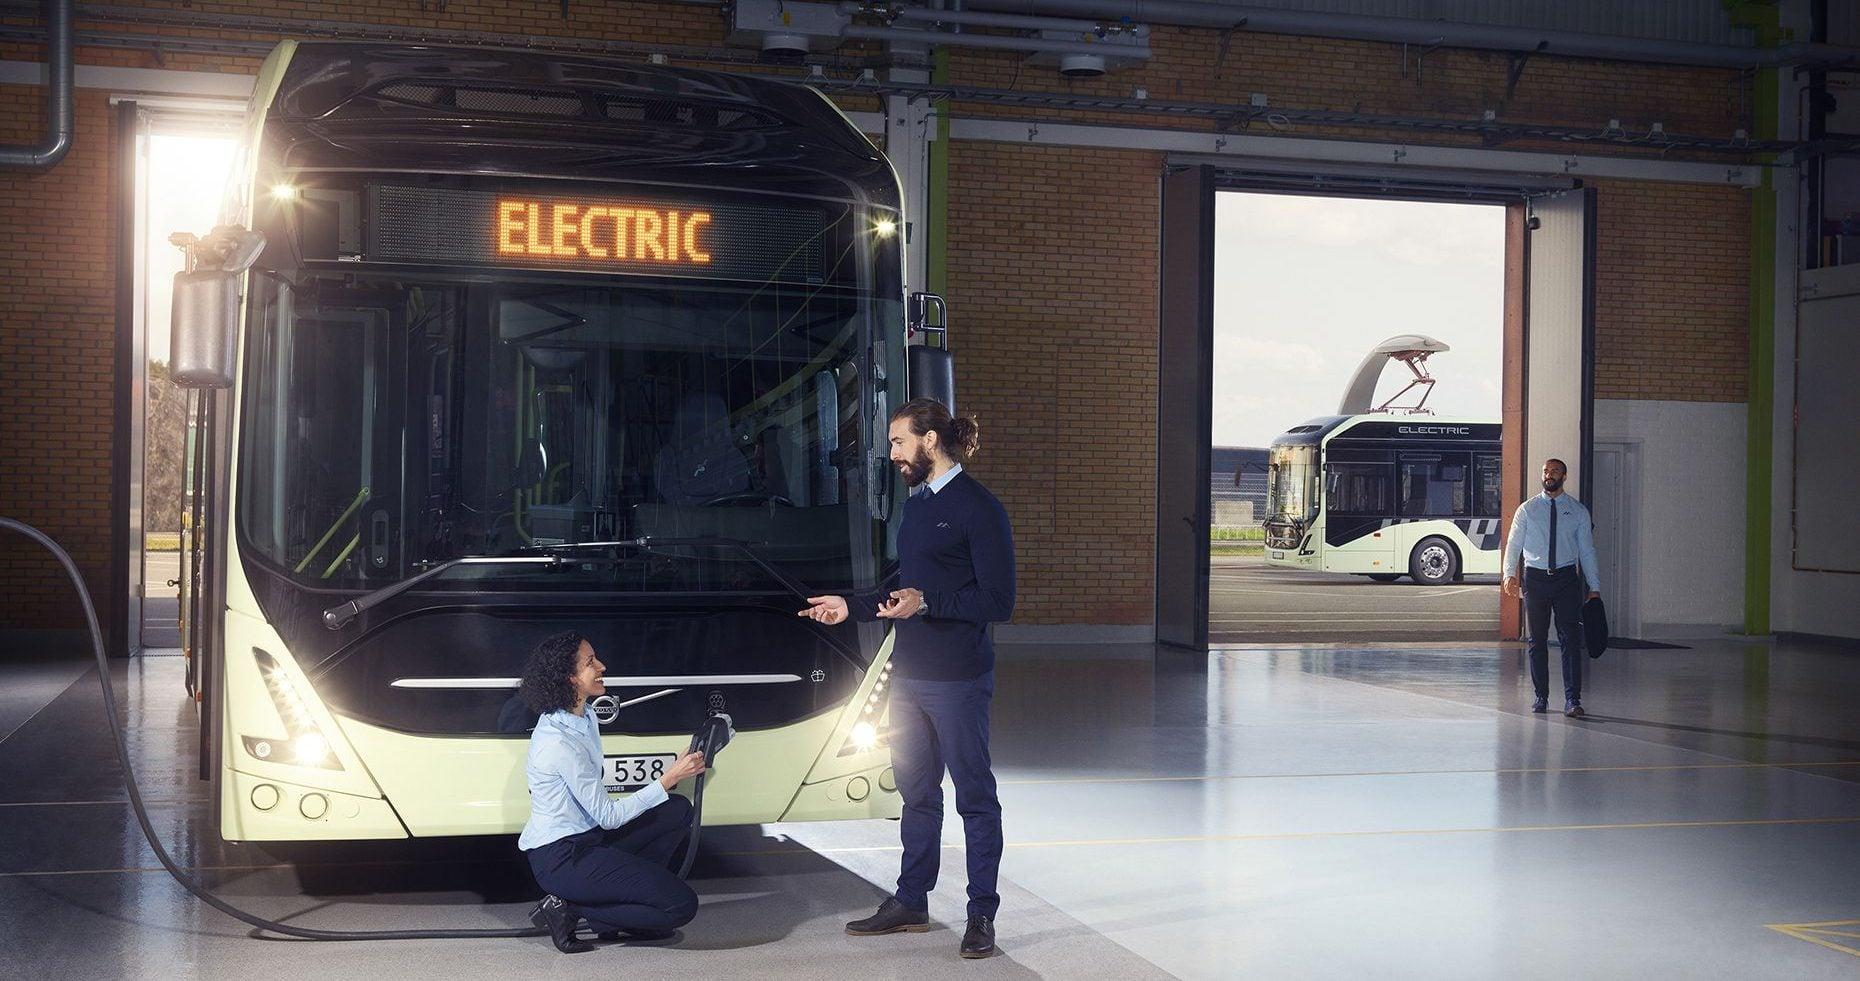 Volvo odświeża swój elektryczny autobus, Volvo 7900 Electric 20